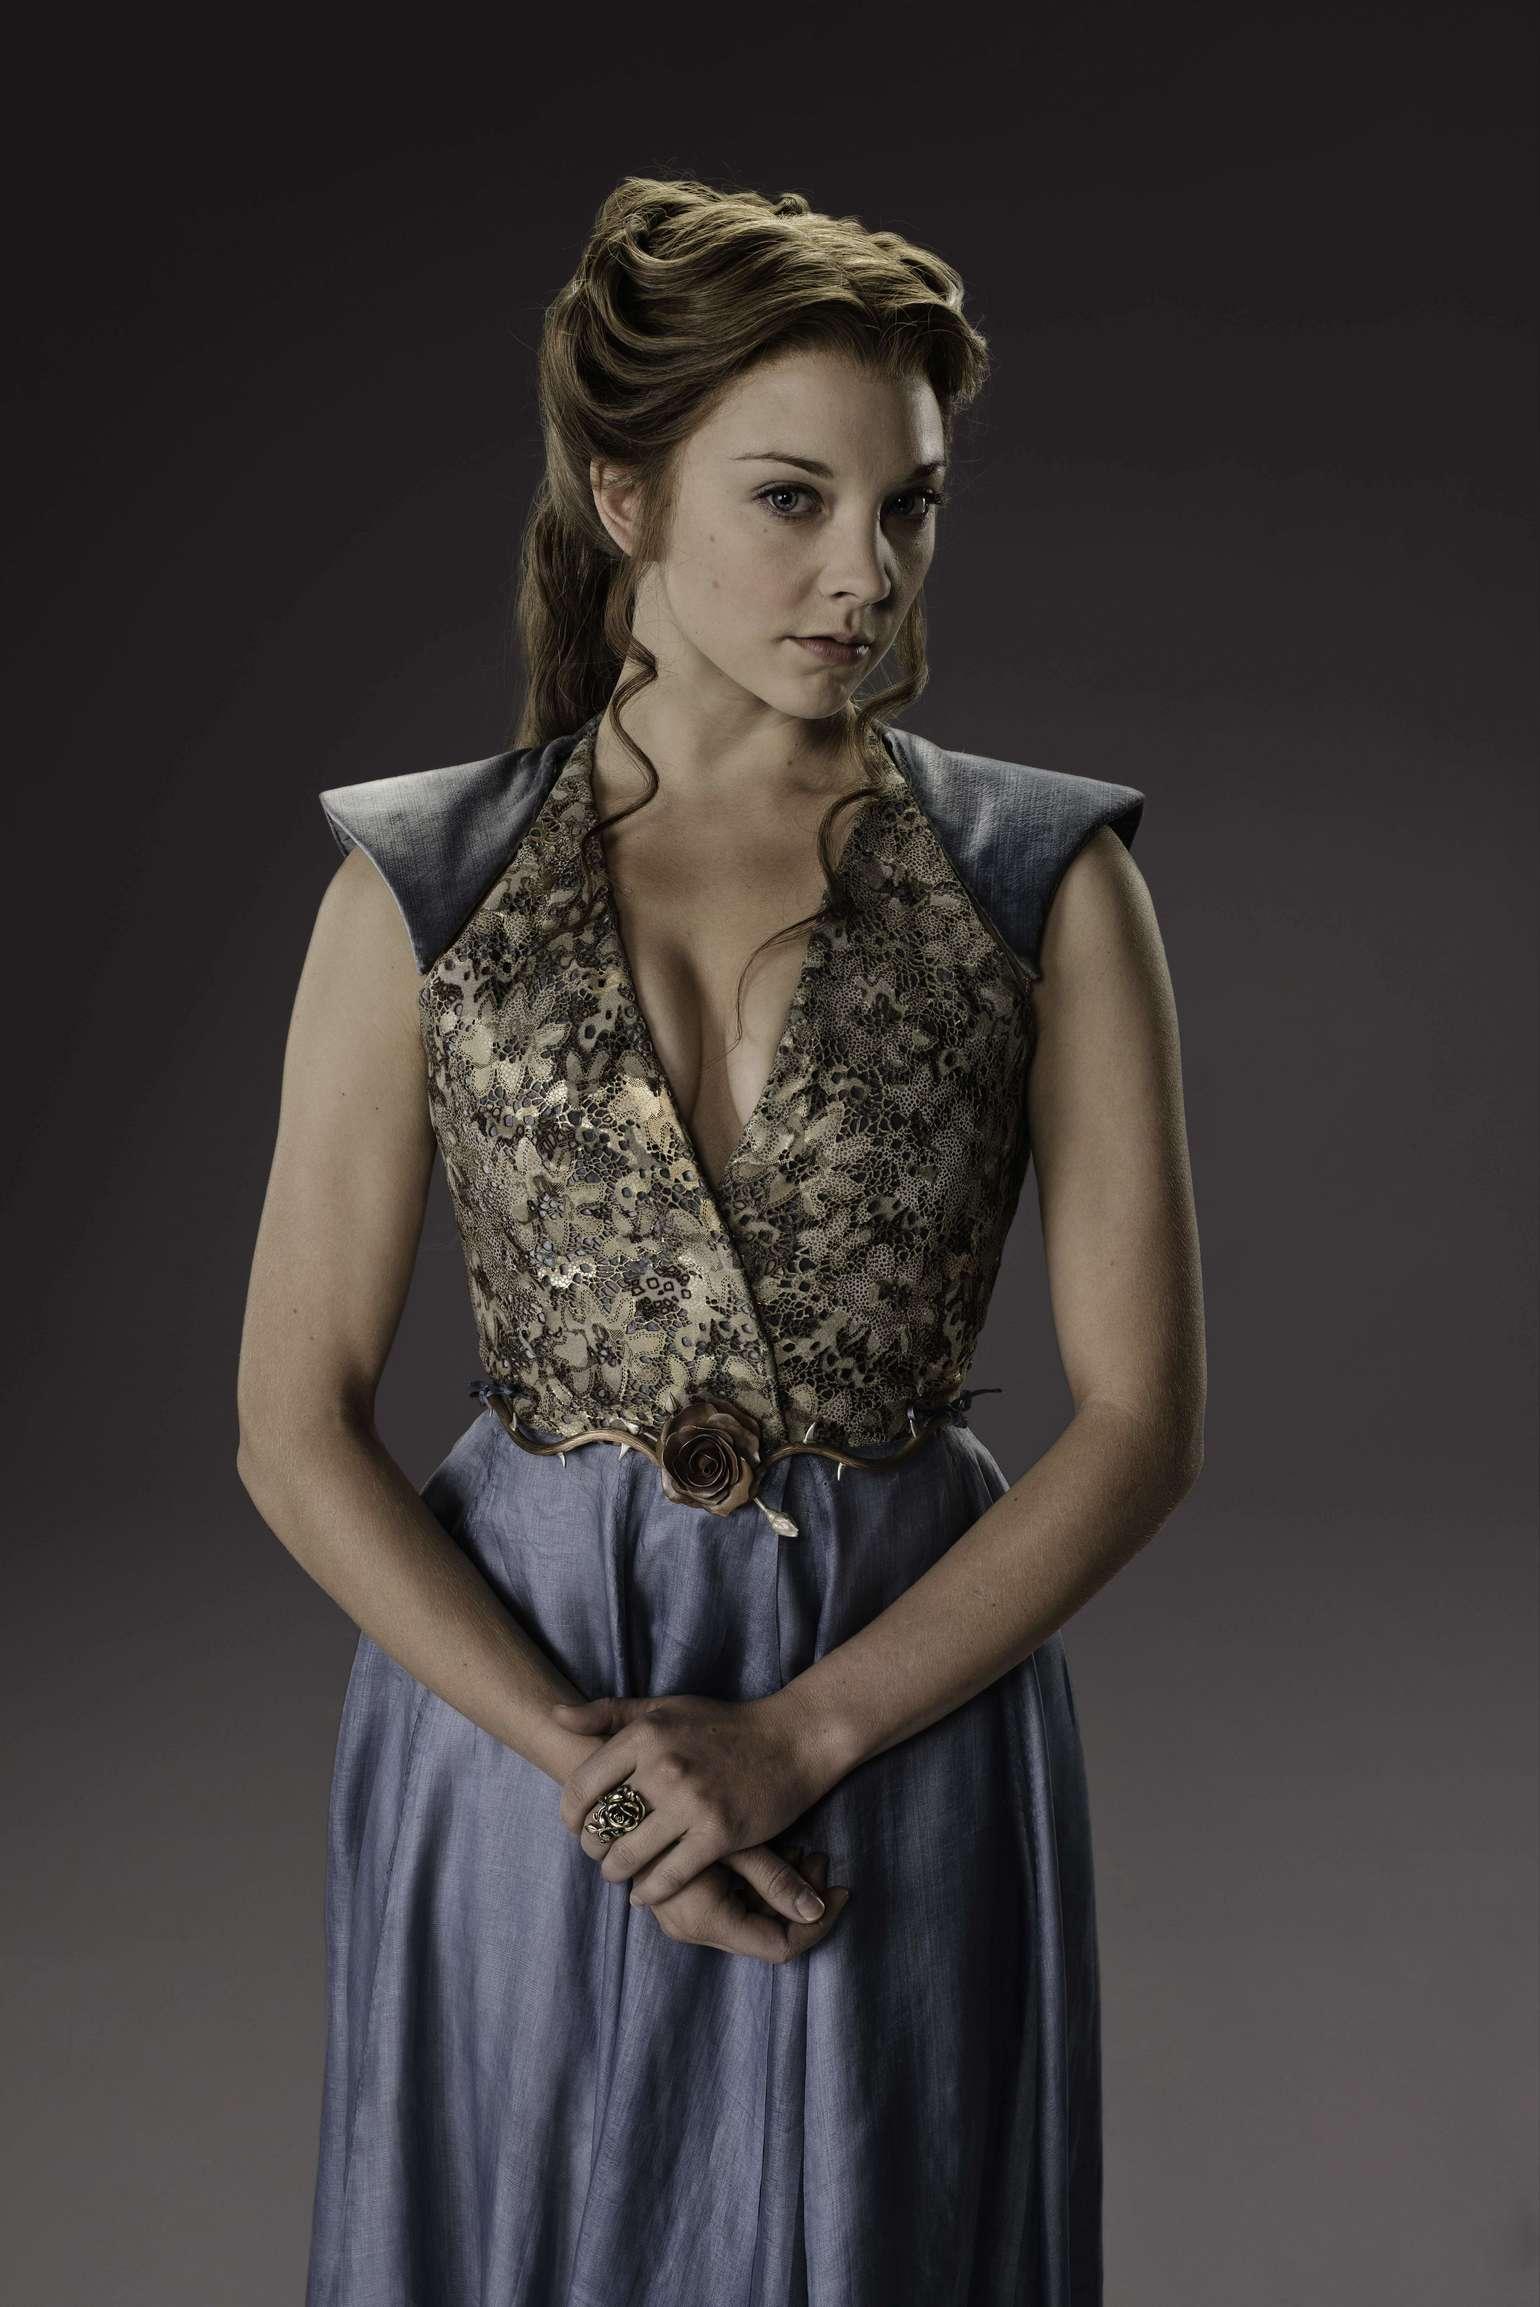 Natalie Dormer Spiel der Throne